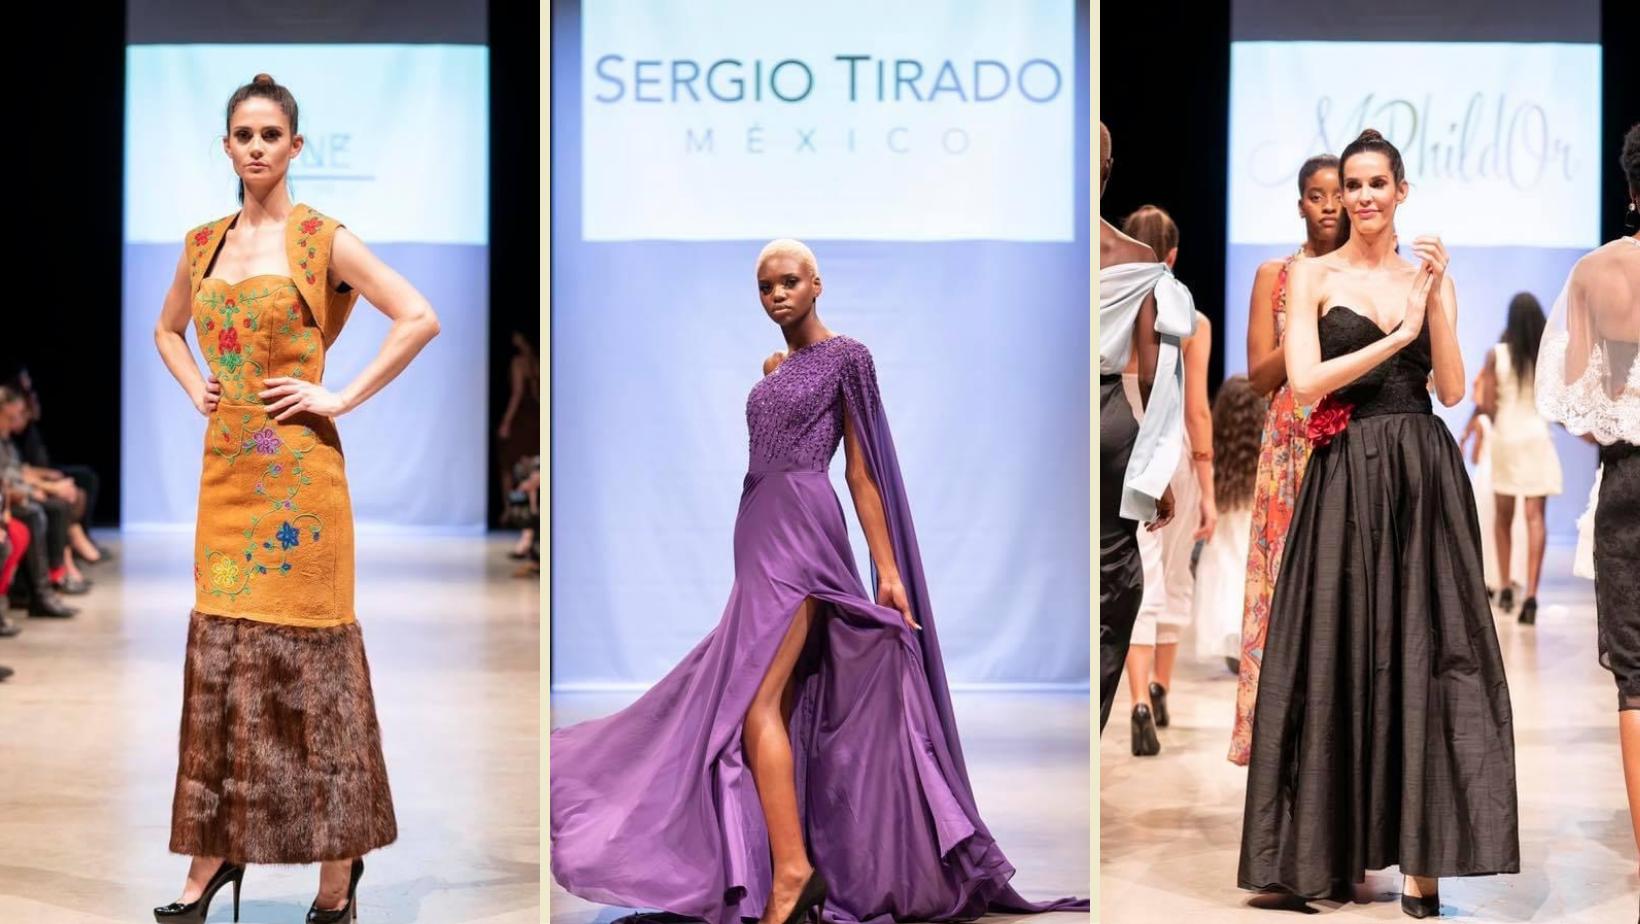 « Panamericana Runway » : La Semaine de la Mode Cosmopolite célèbre le Mois du patrimoine hispanique avec un grand défilé